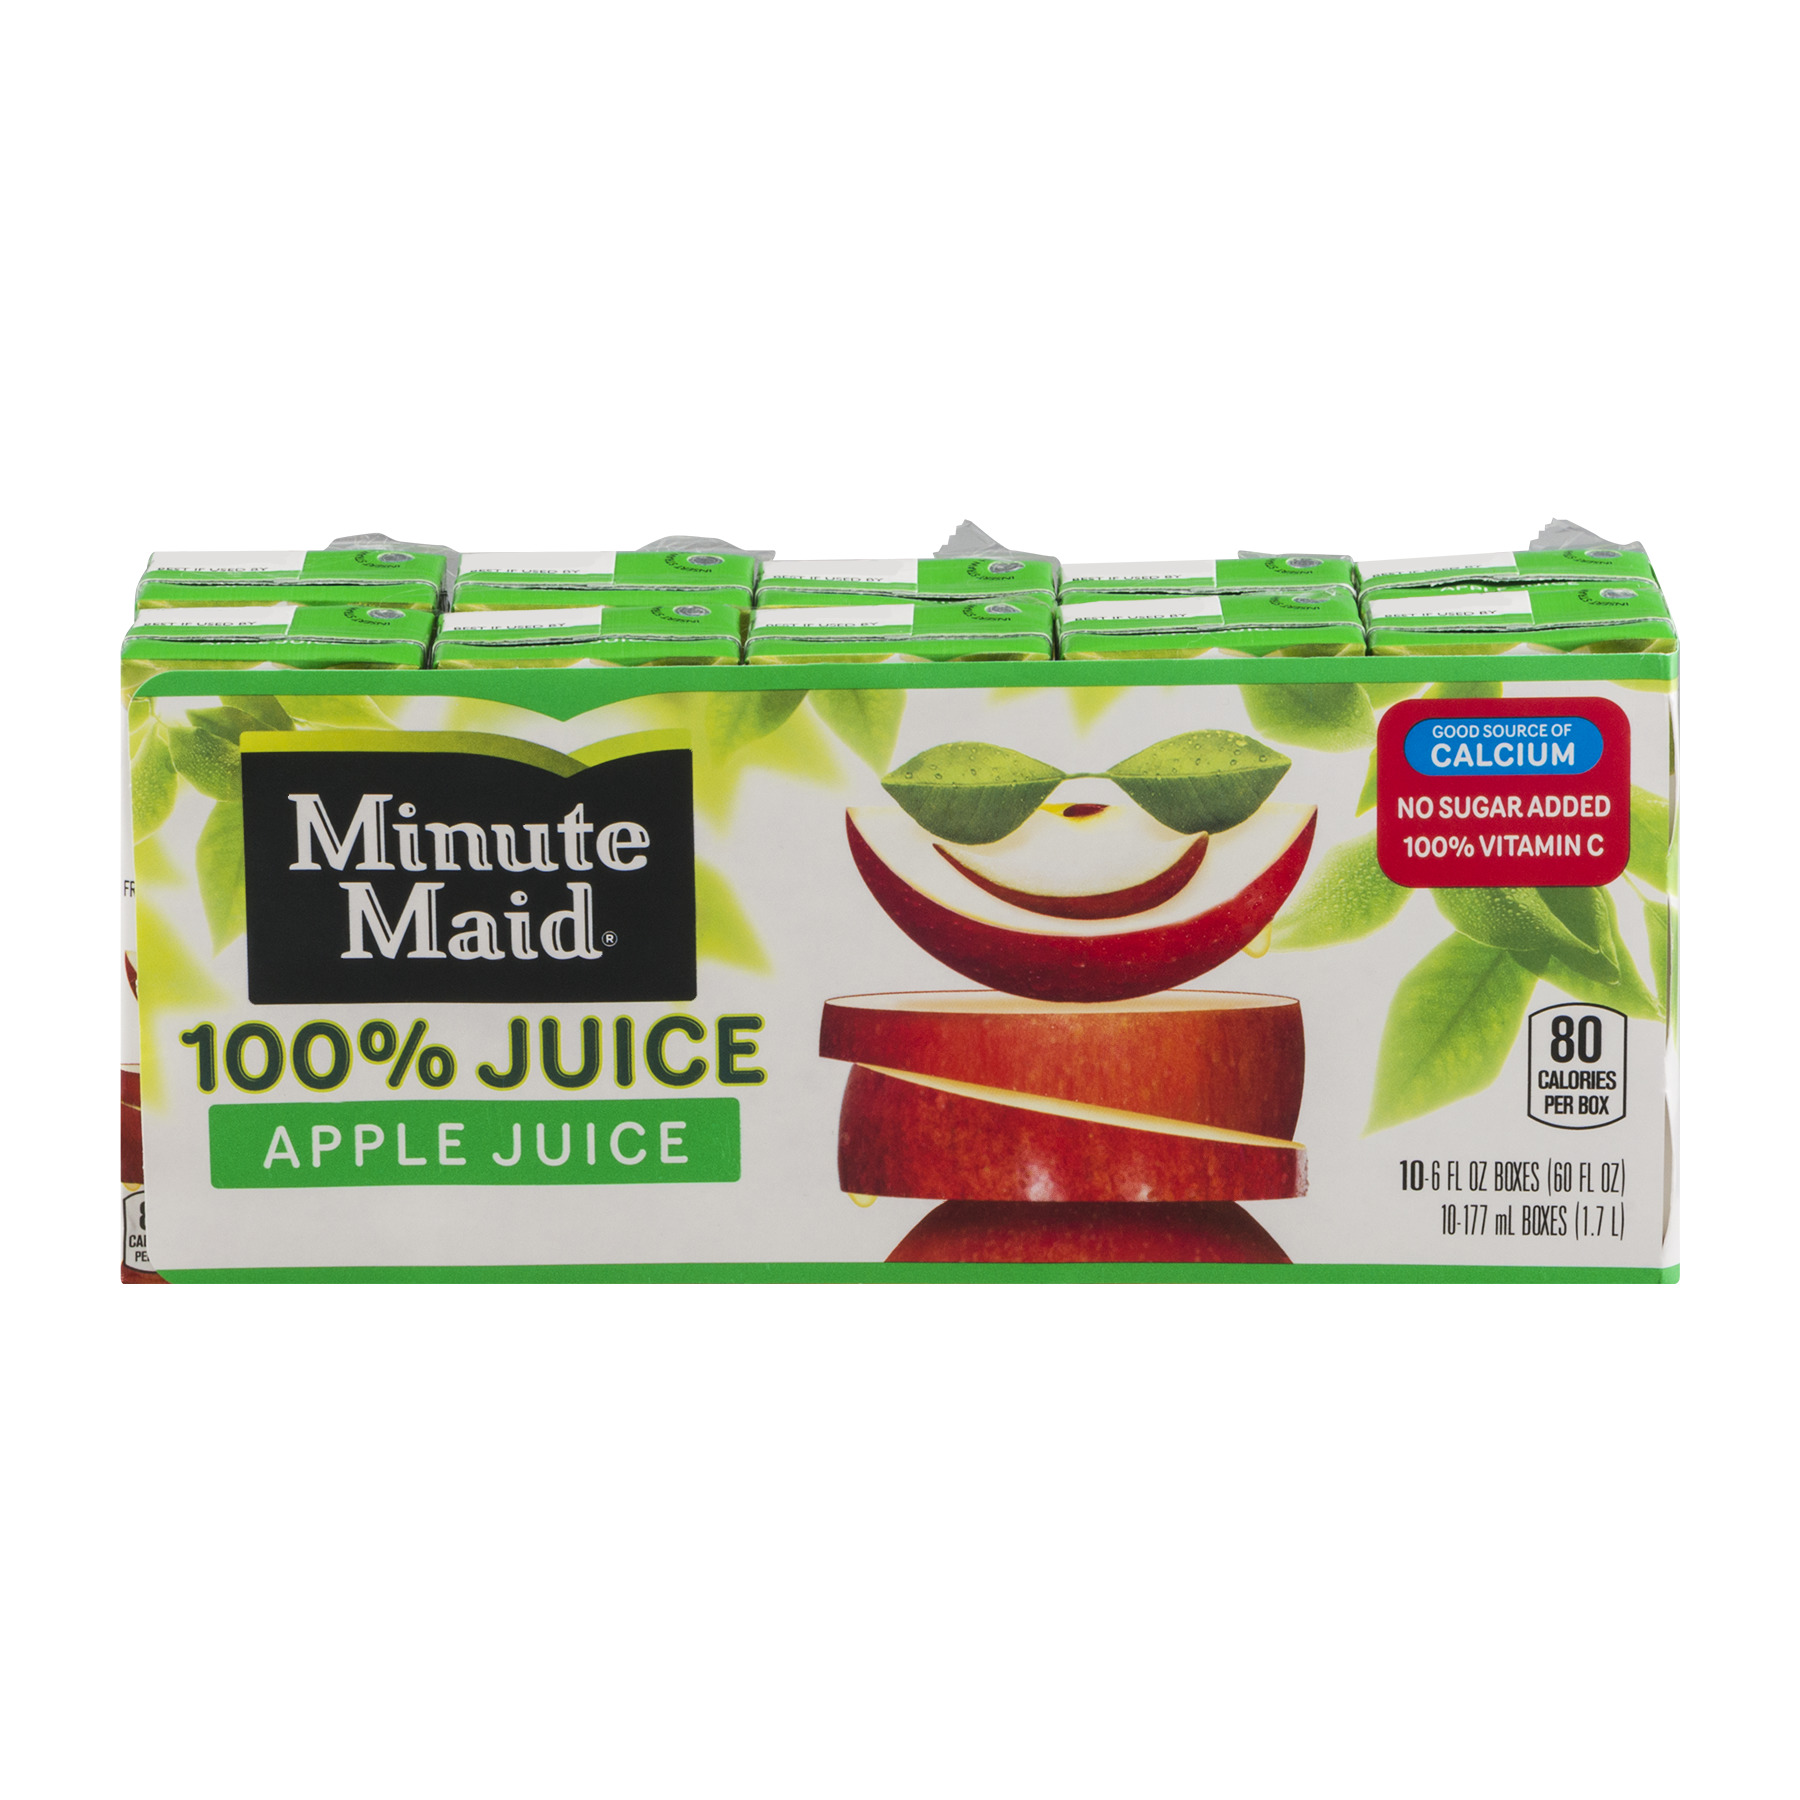 Minute Maid 100% Juice, Apple, 6 Fl Oz, 10 Count